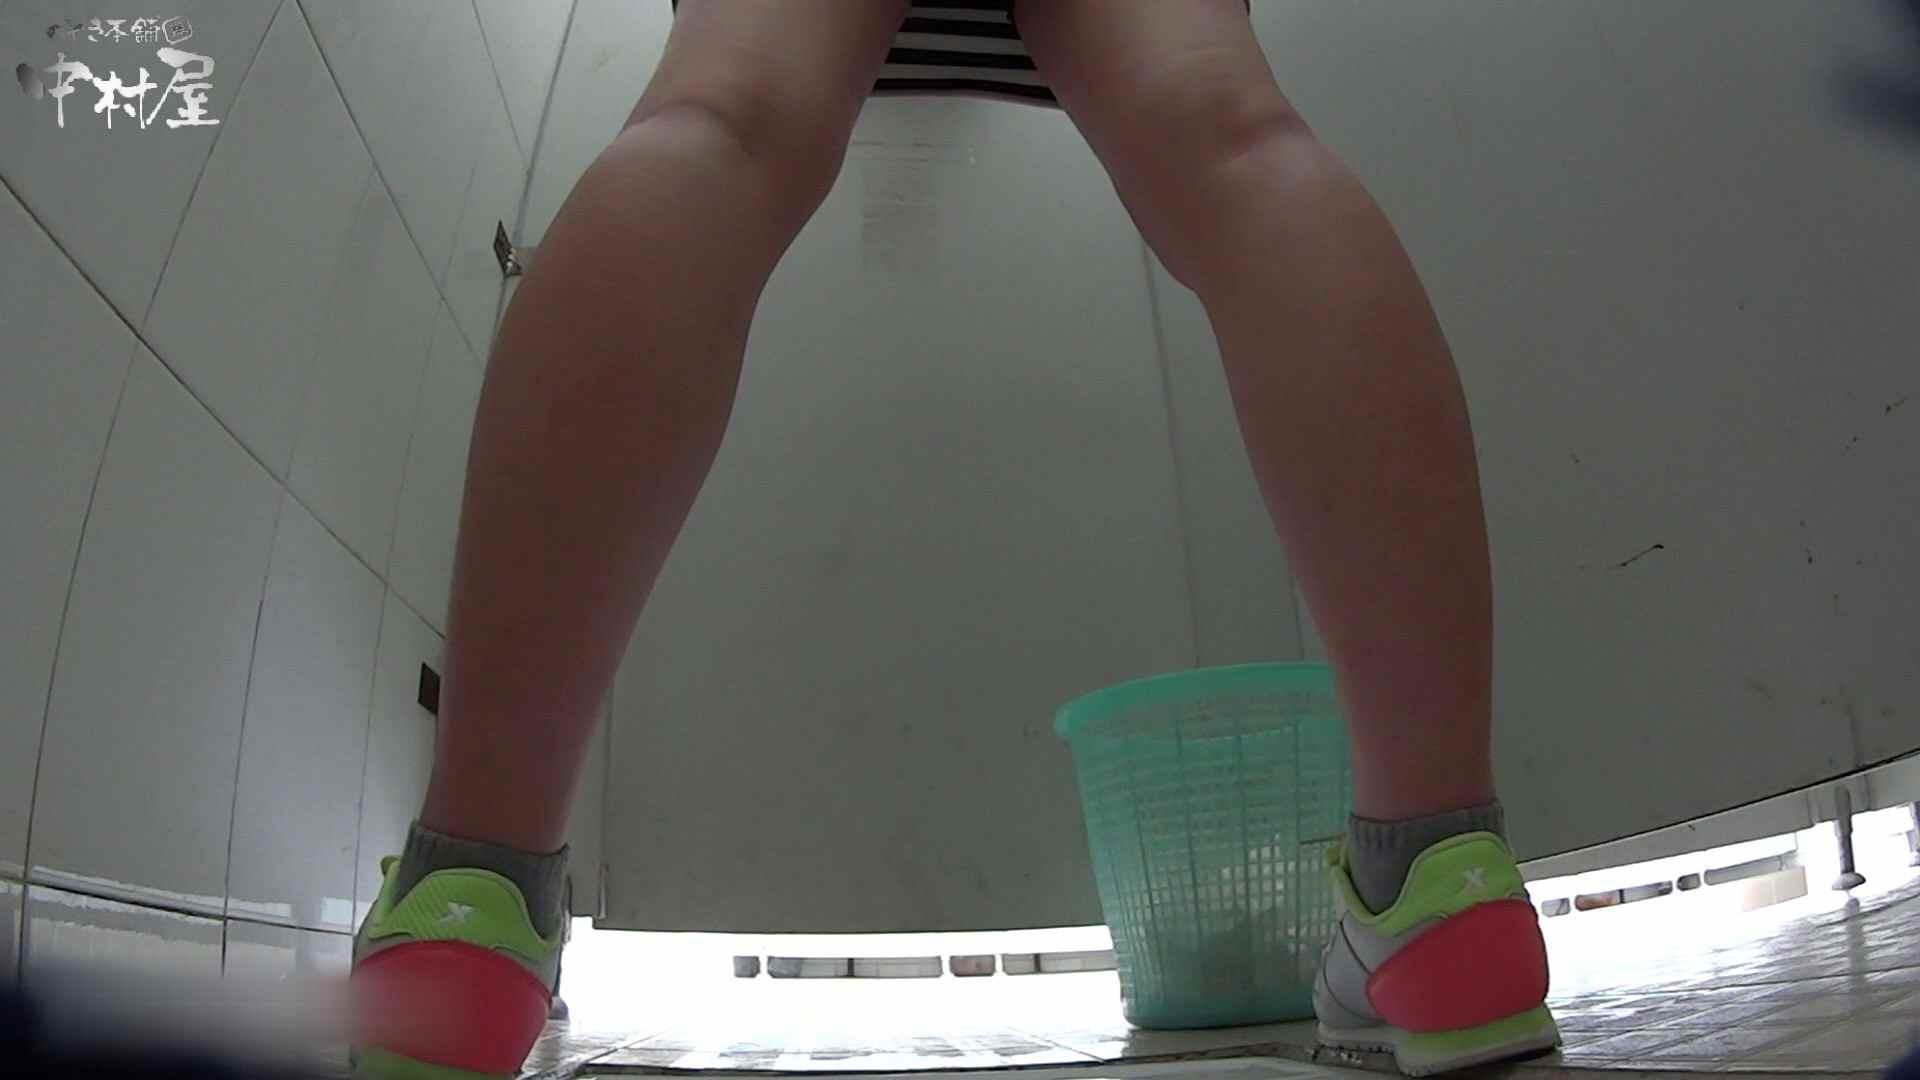 美しい女良たちのトイレ事情 有名大学休憩時間の洗面所事情06 美女 ワレメ動画紹介 47連発 3